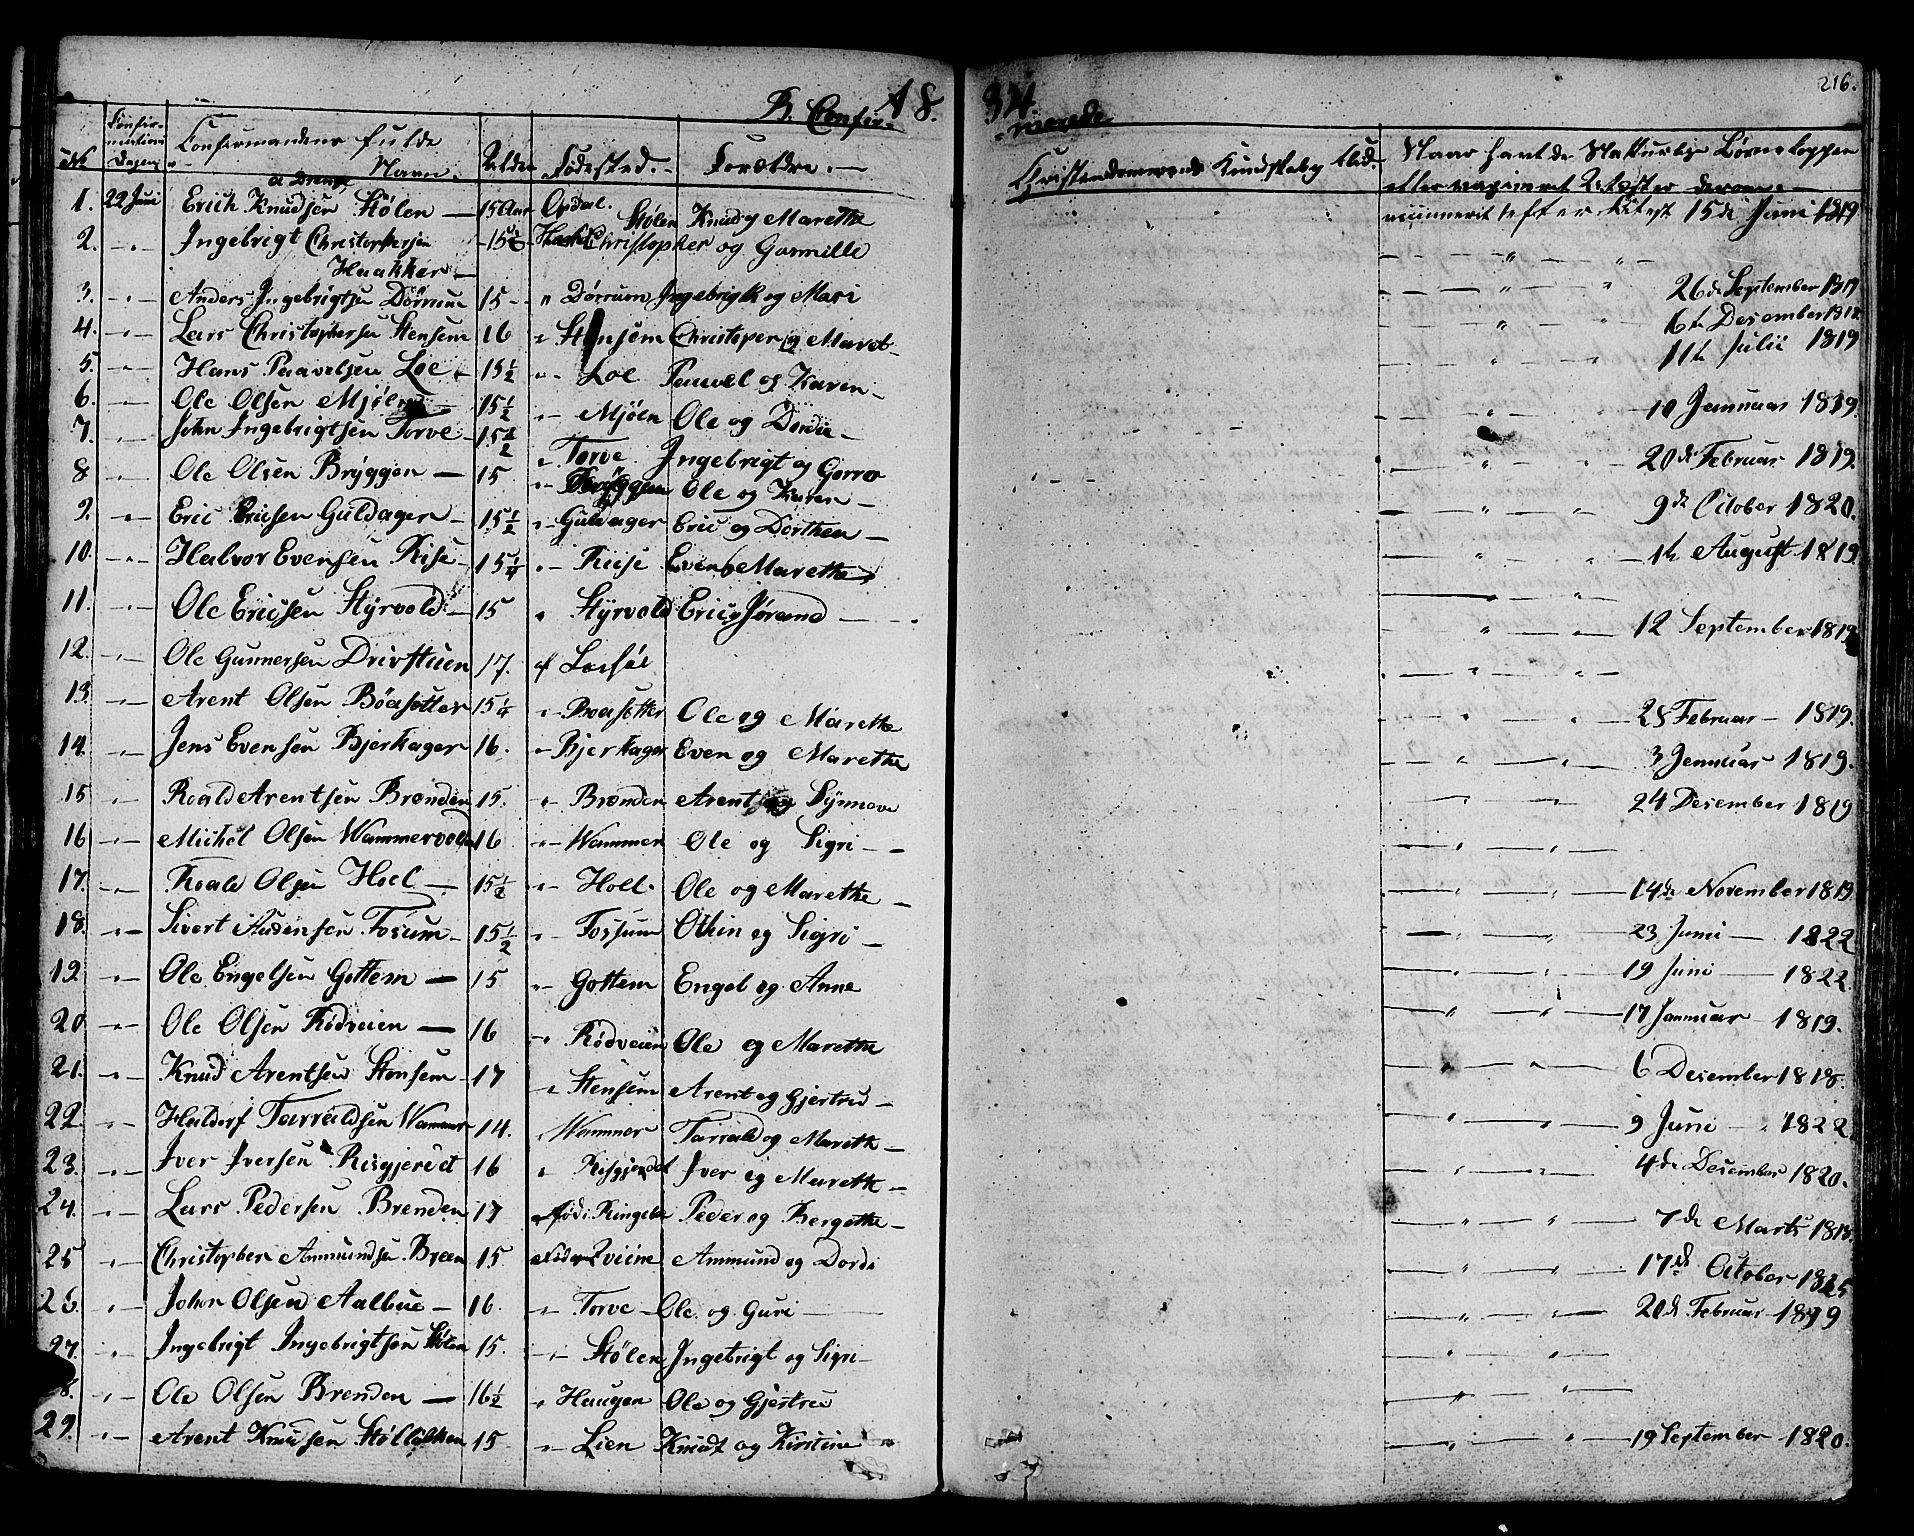 SAT, Ministerialprotokoller, klokkerbøker og fødselsregistre - Sør-Trøndelag, 678/L0897: Ministerialbok nr. 678A06-07, 1821-1847, s. 216